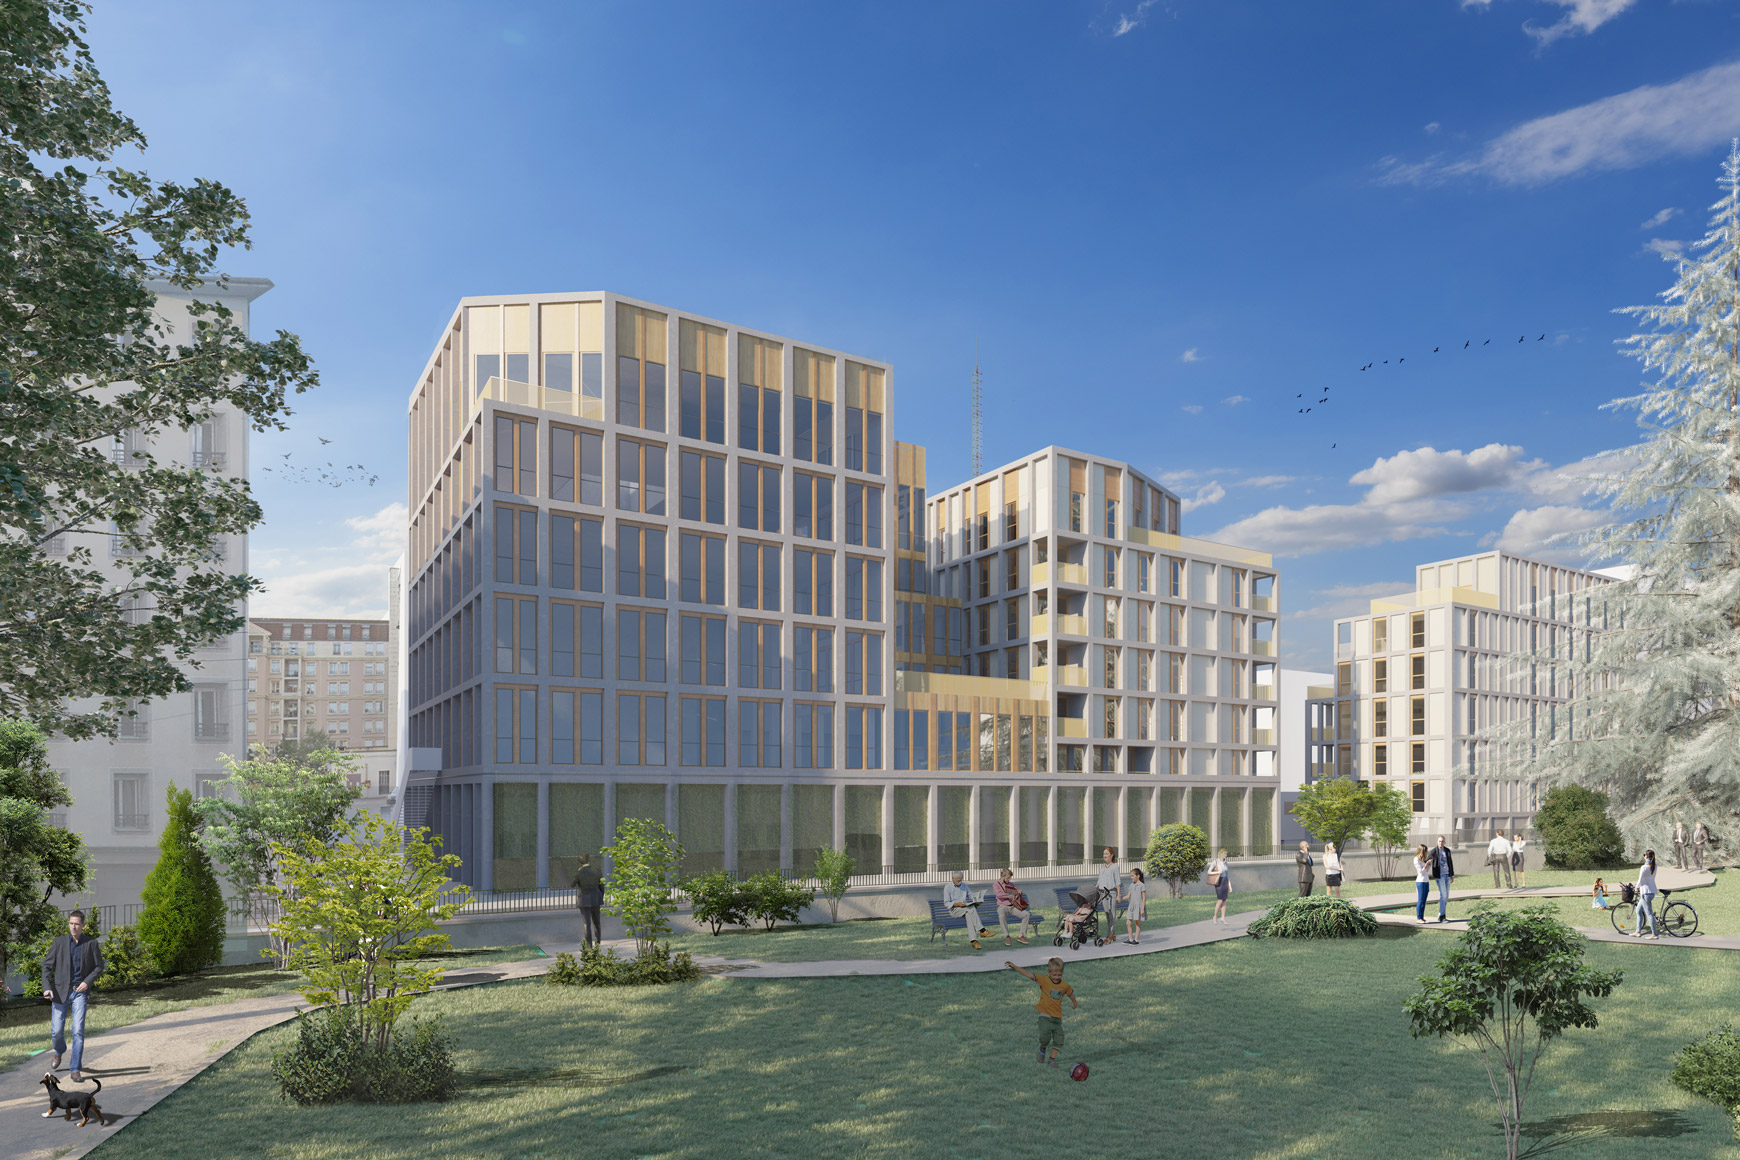 Immeuble de bureaux et de logements à Lyon, réalisé par les pôles Tertiaire et Logement de l'agence d'architecture SOHO ATLAS IN FINE LYON. Perspective, vue depuis le jardin.